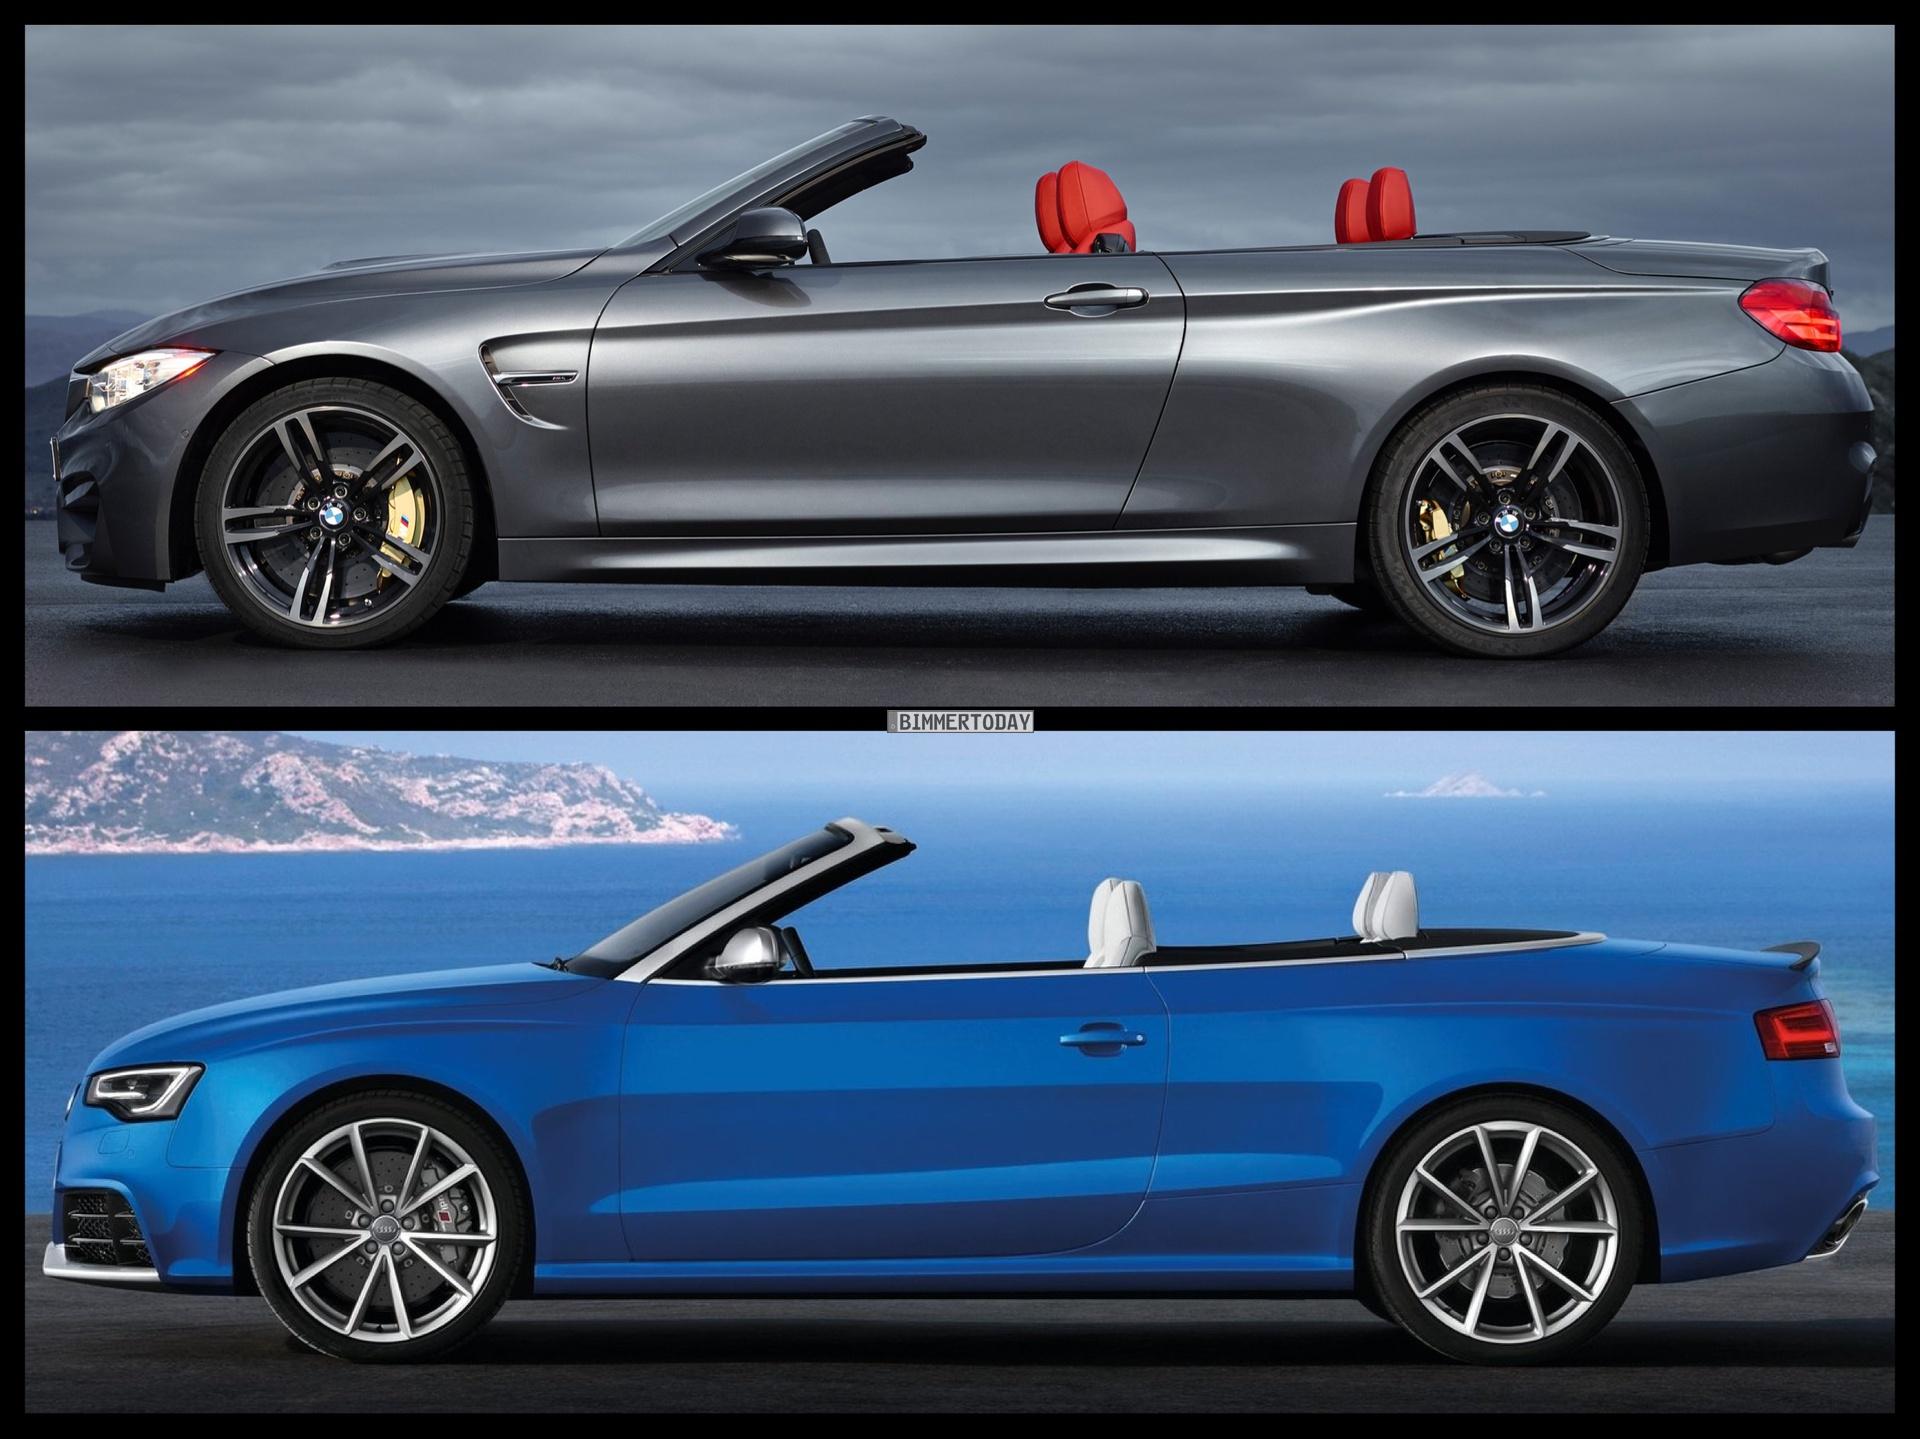 2015 BMW M4 Convertible vs. Audi RS5 Cabrio - PHOTO COMPARISON